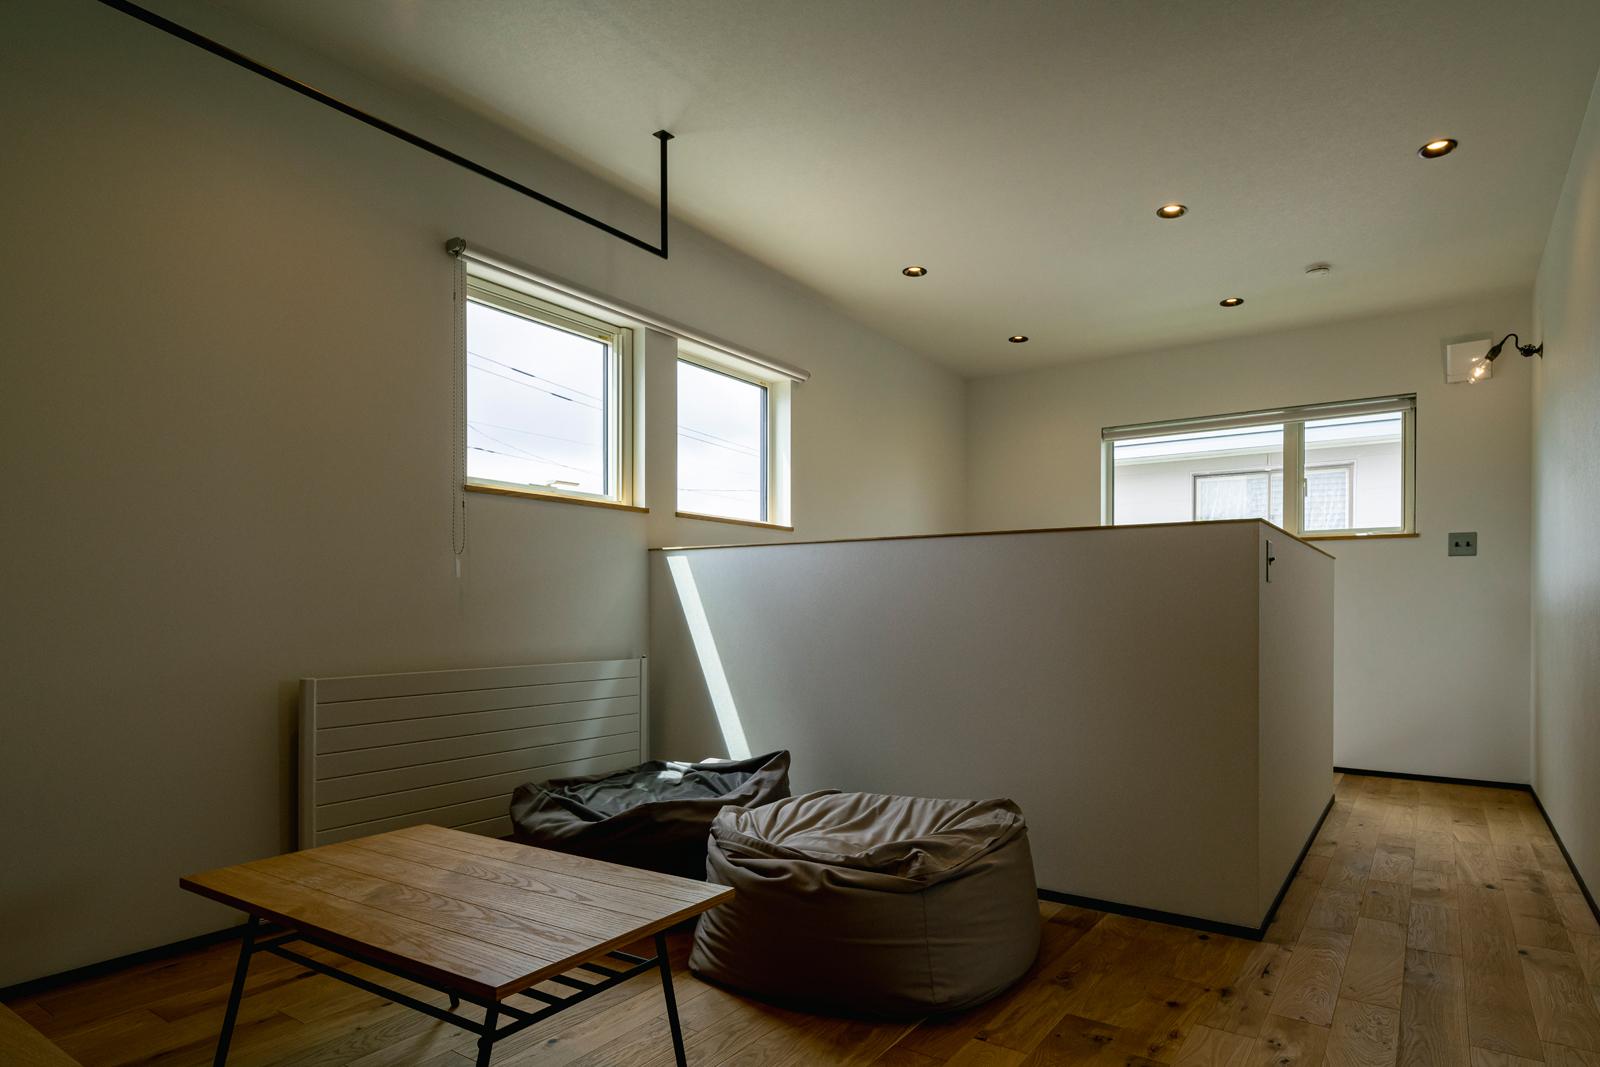 2階のフリースペースにはローテーブル、クッション、テレビを置き、くつろぎのセカンドリビングに